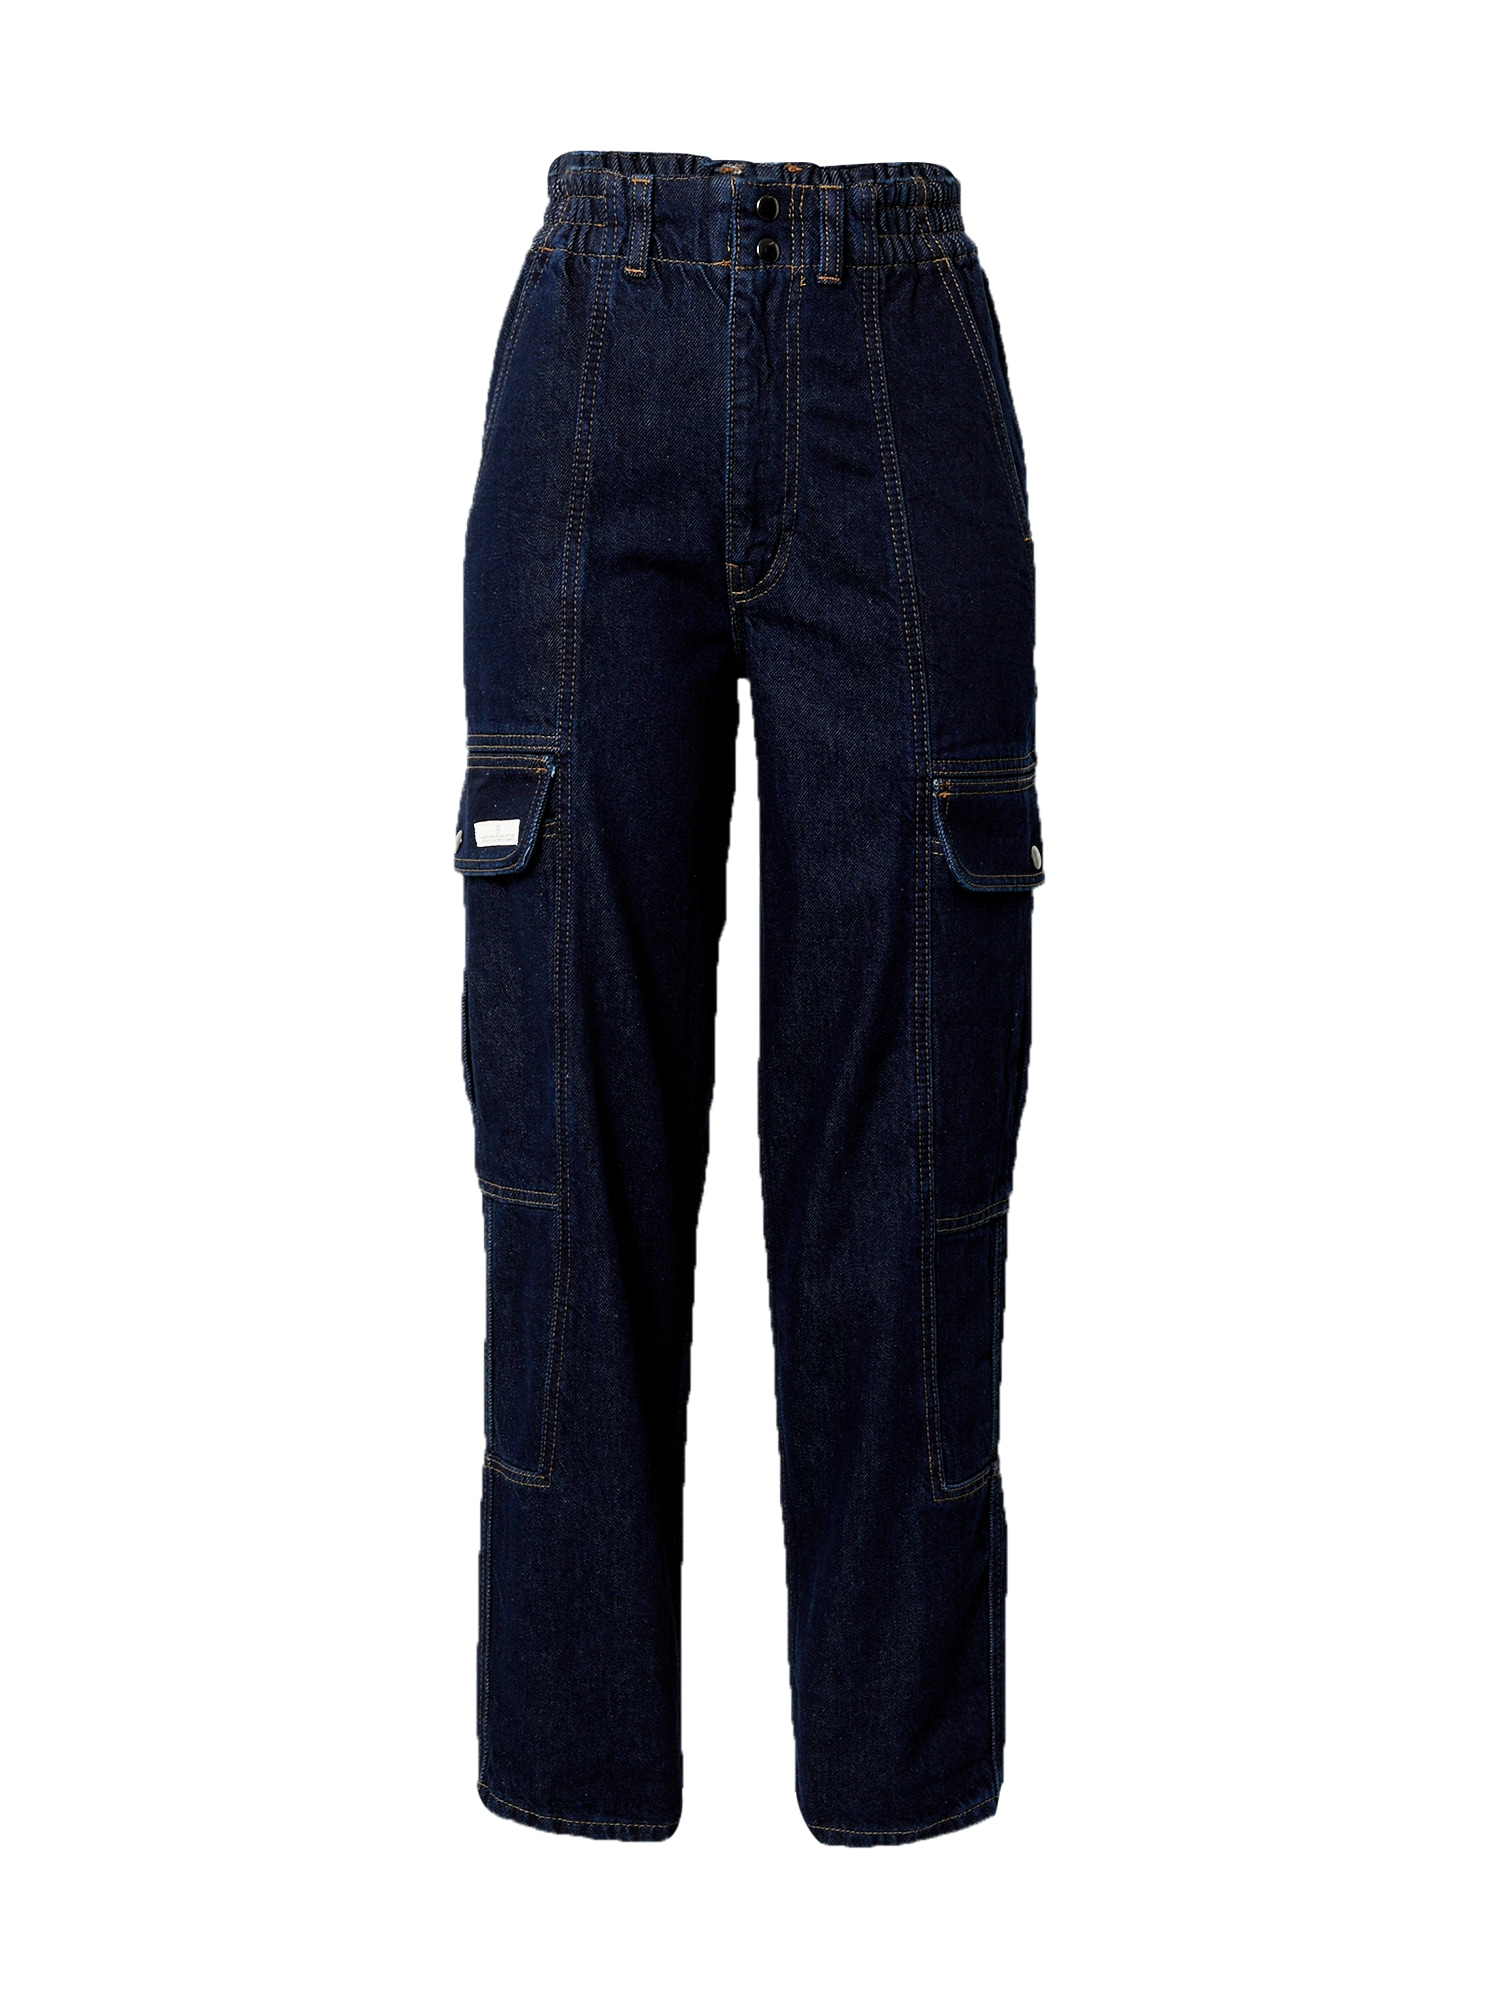 BDG Urban Outfitters Darbinio stiliaus džinsai